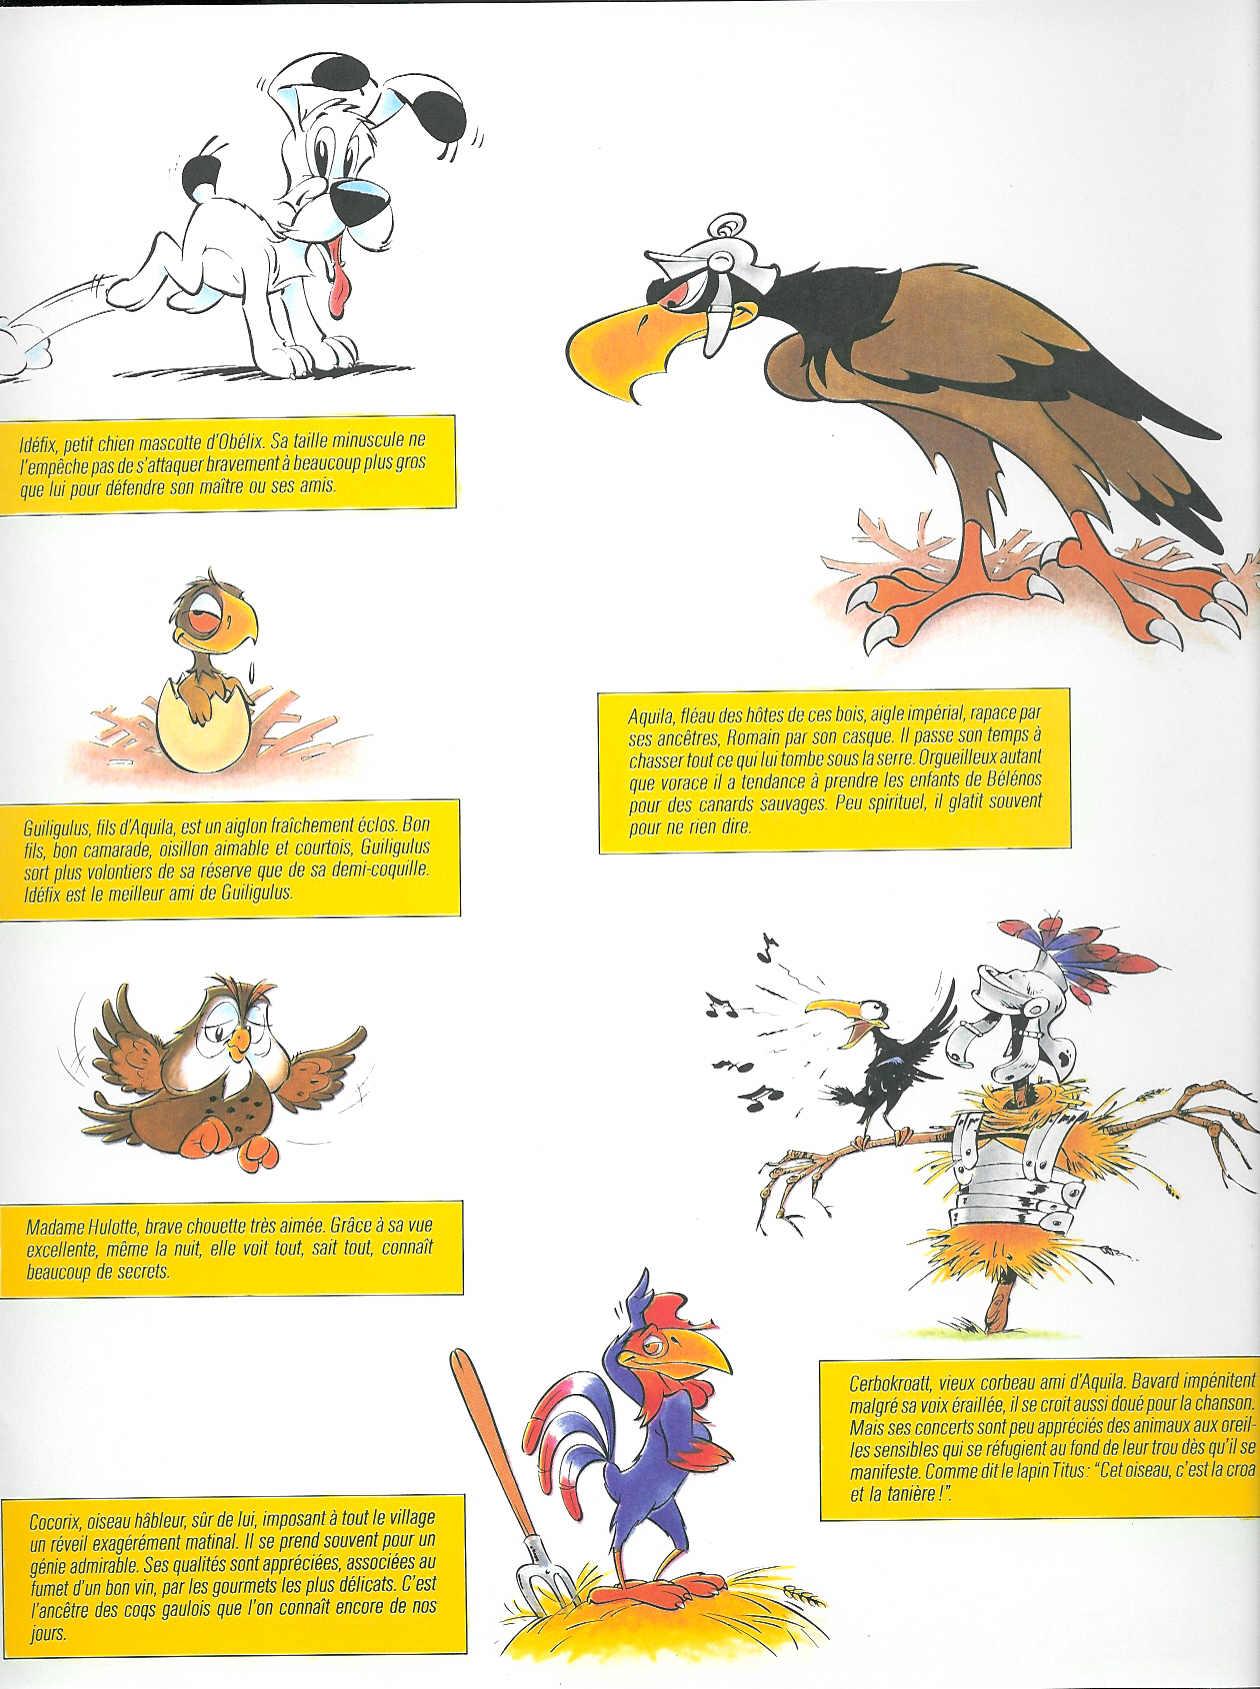 Seconde collection de livre pour enfants avec Idéfix (1983) les personnages